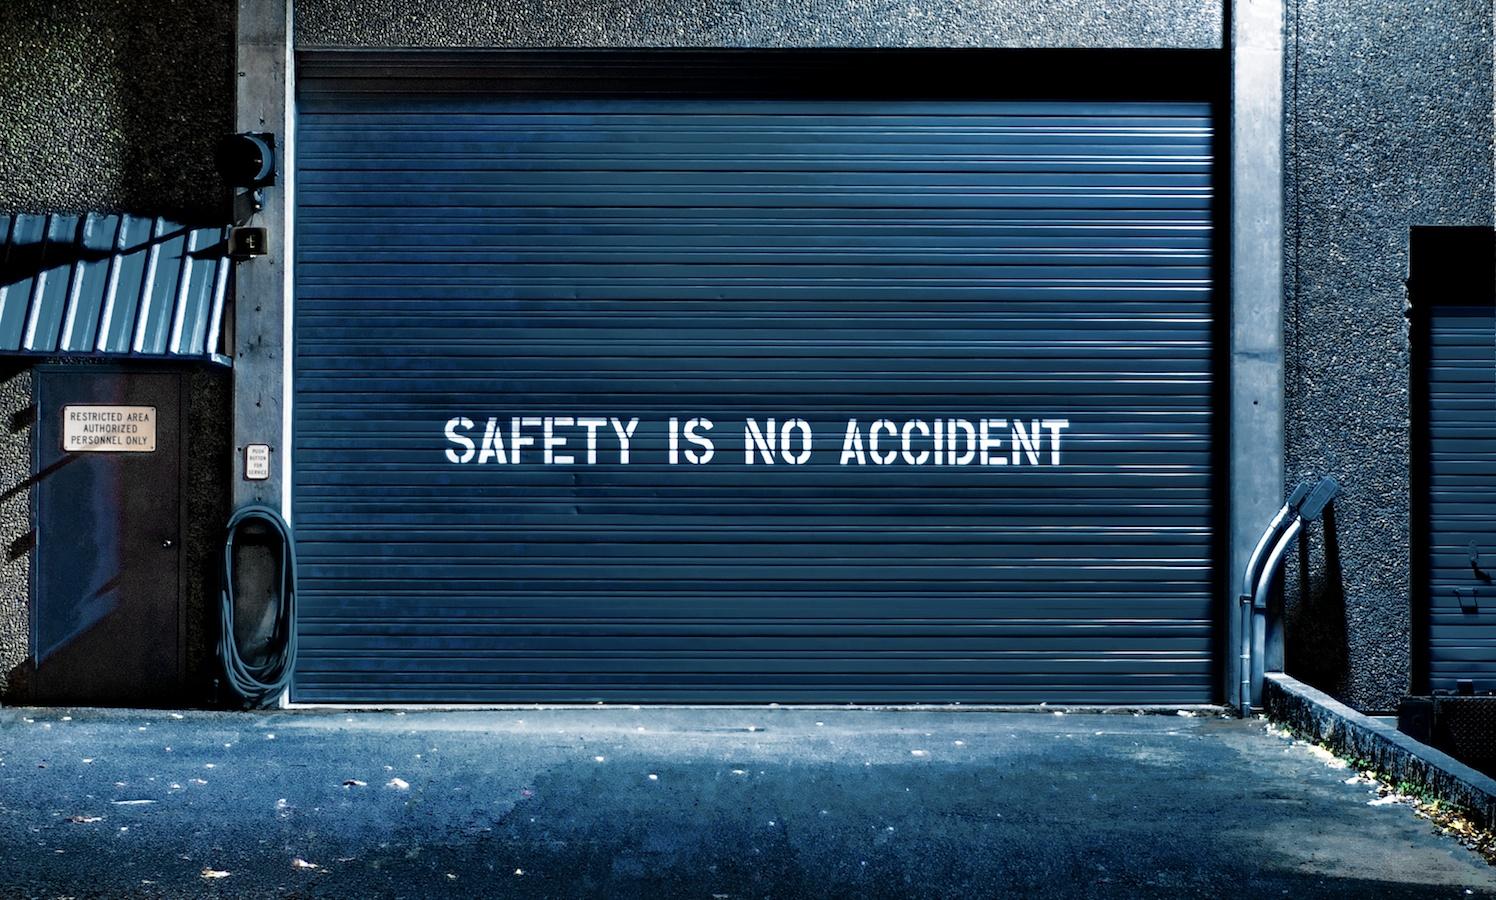 SafetyIsNoAccident.jpg